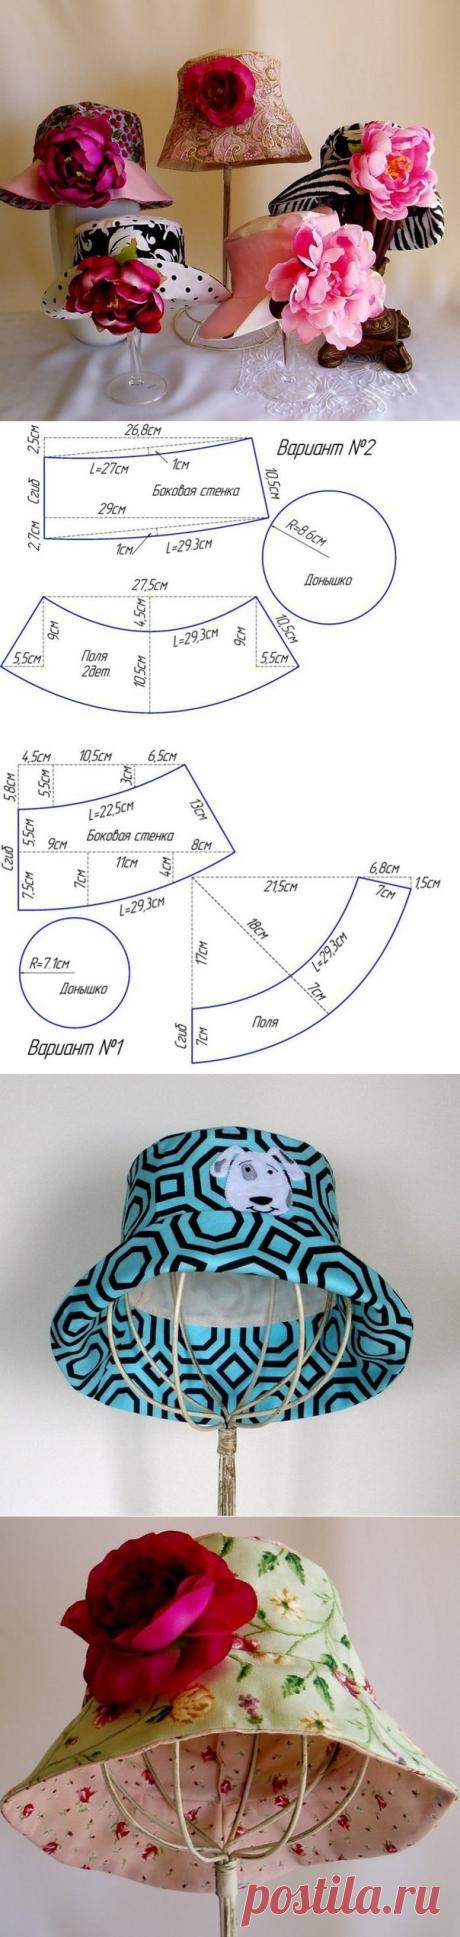 Шьём шляпки / Необычные поделки